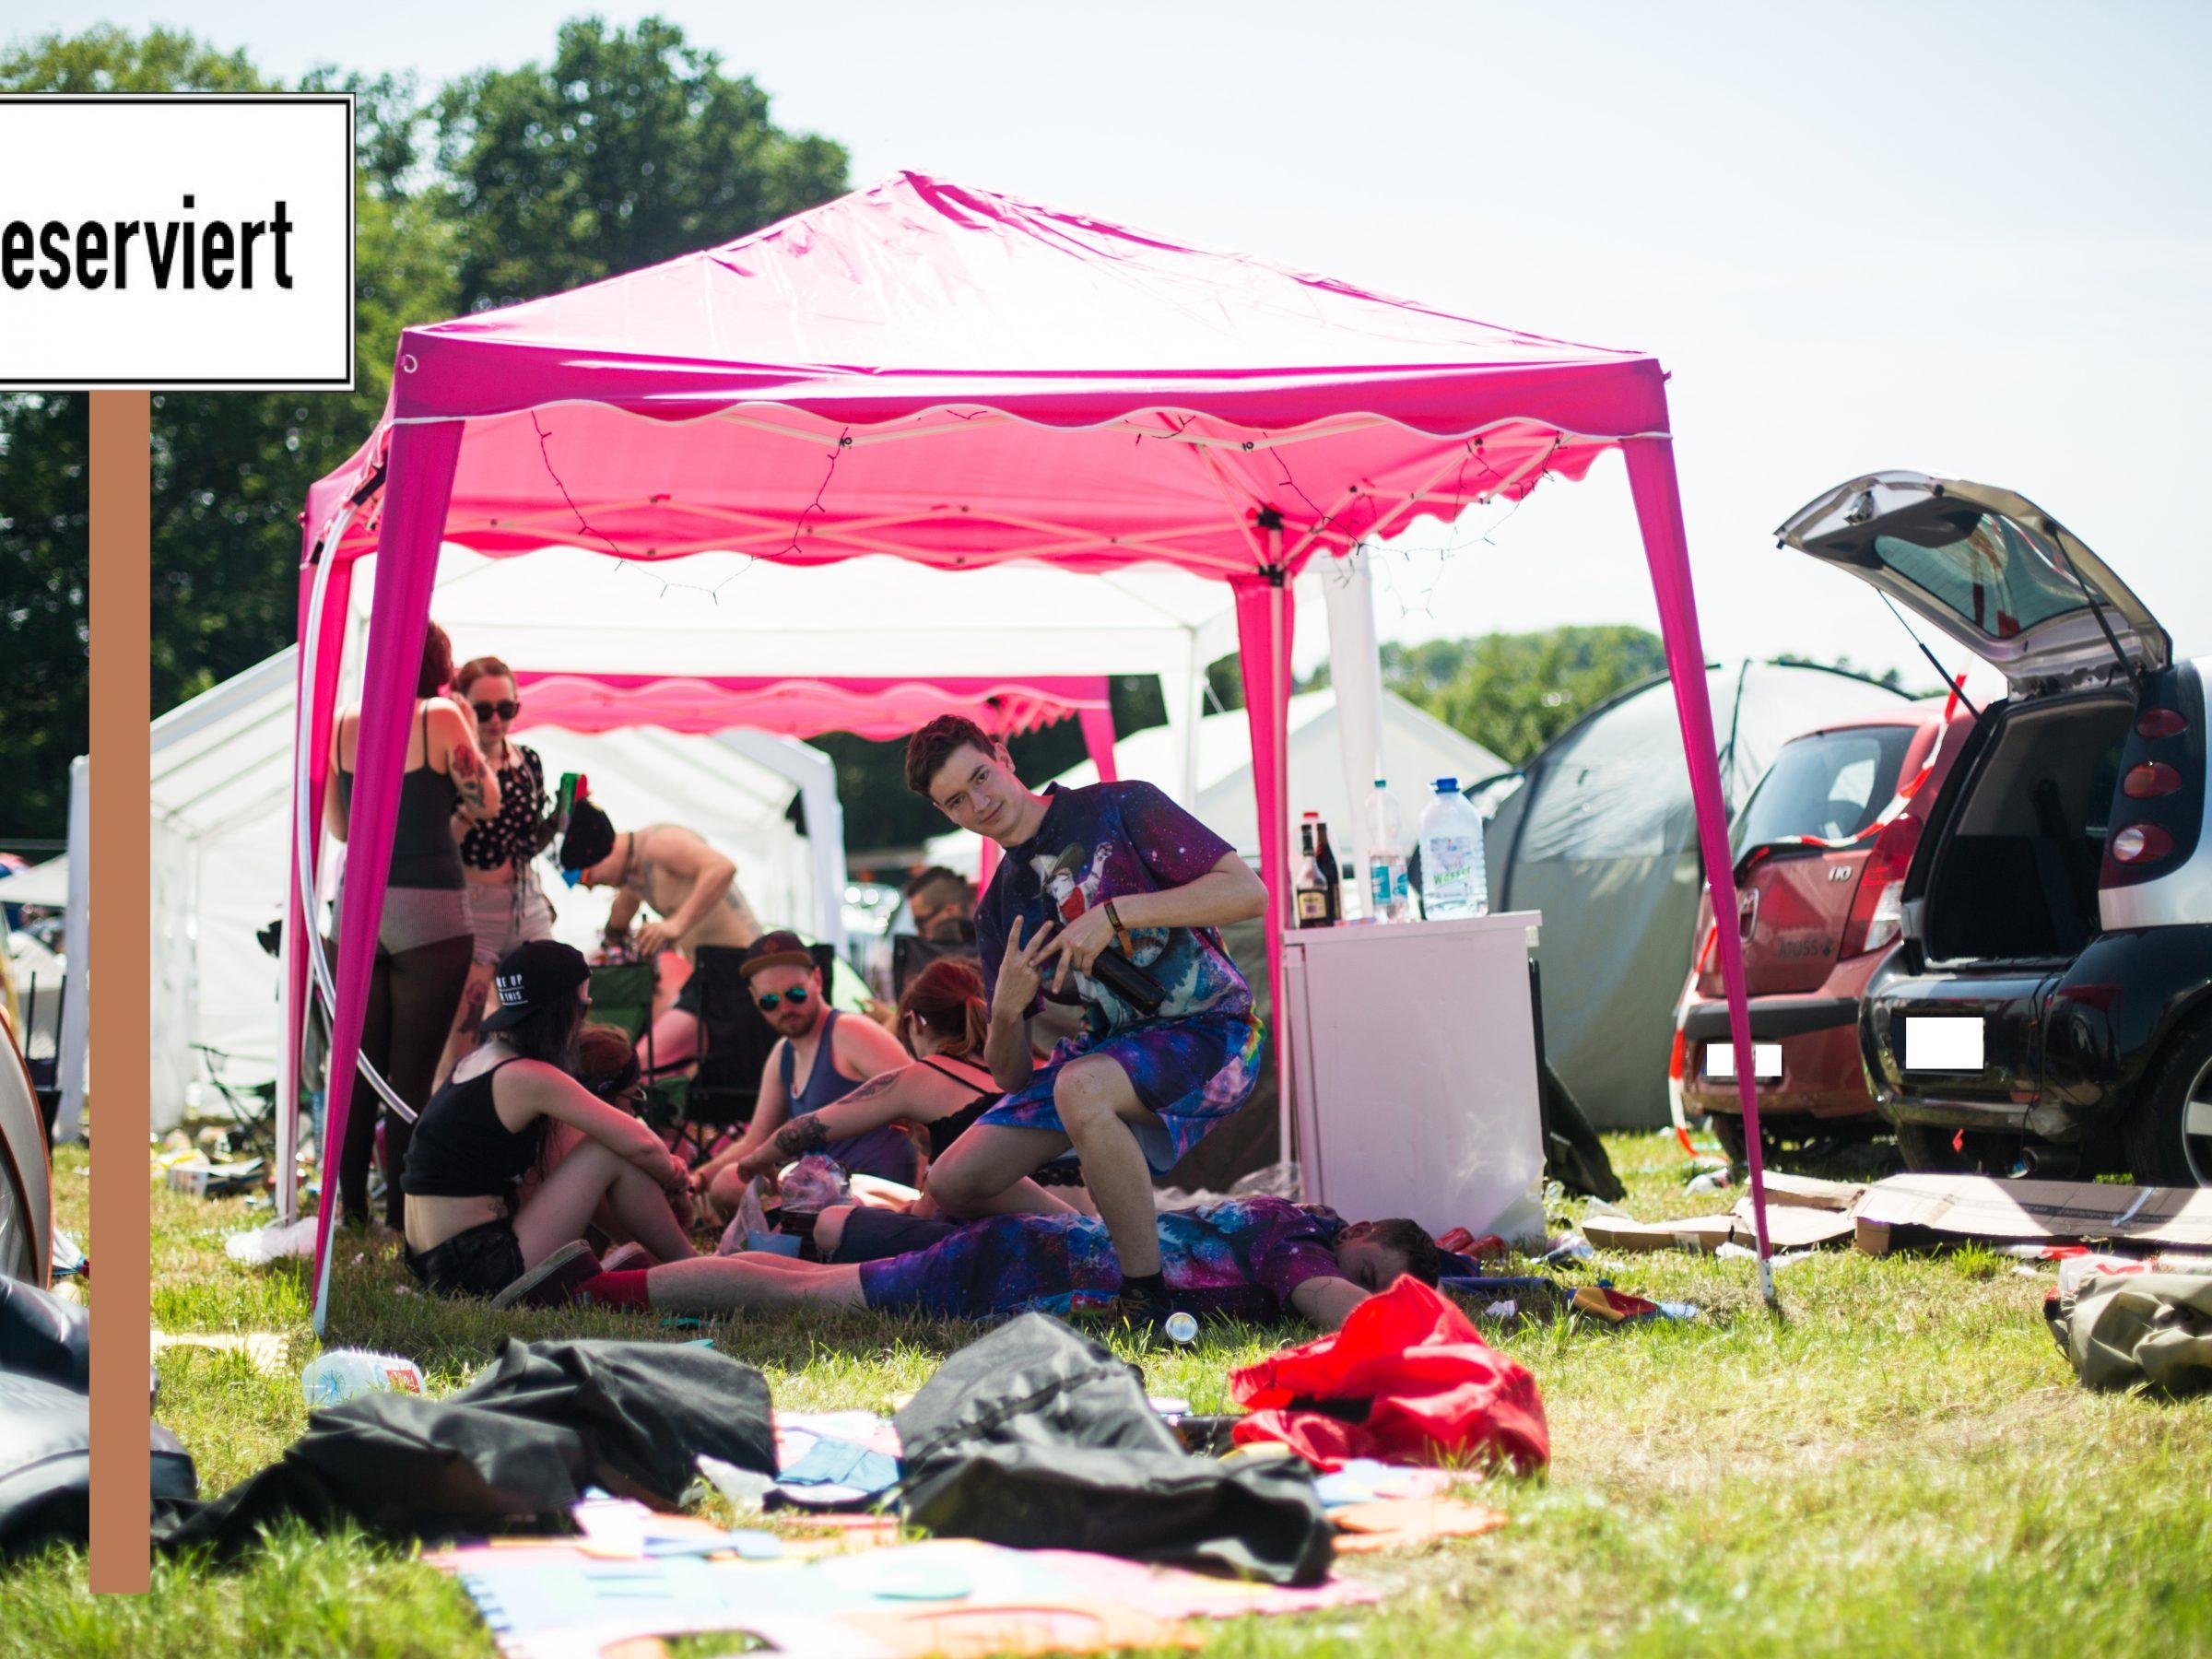 Bild zeigt einen Typischen Campingplatz beim Festival ohne Bands. Leute sitzen unter einem pinken Pavillon. Links steht ein Zelt und rechts Autos mit offenem Kofferraum. Dann steht dort noch ein Schild mit Reserviert